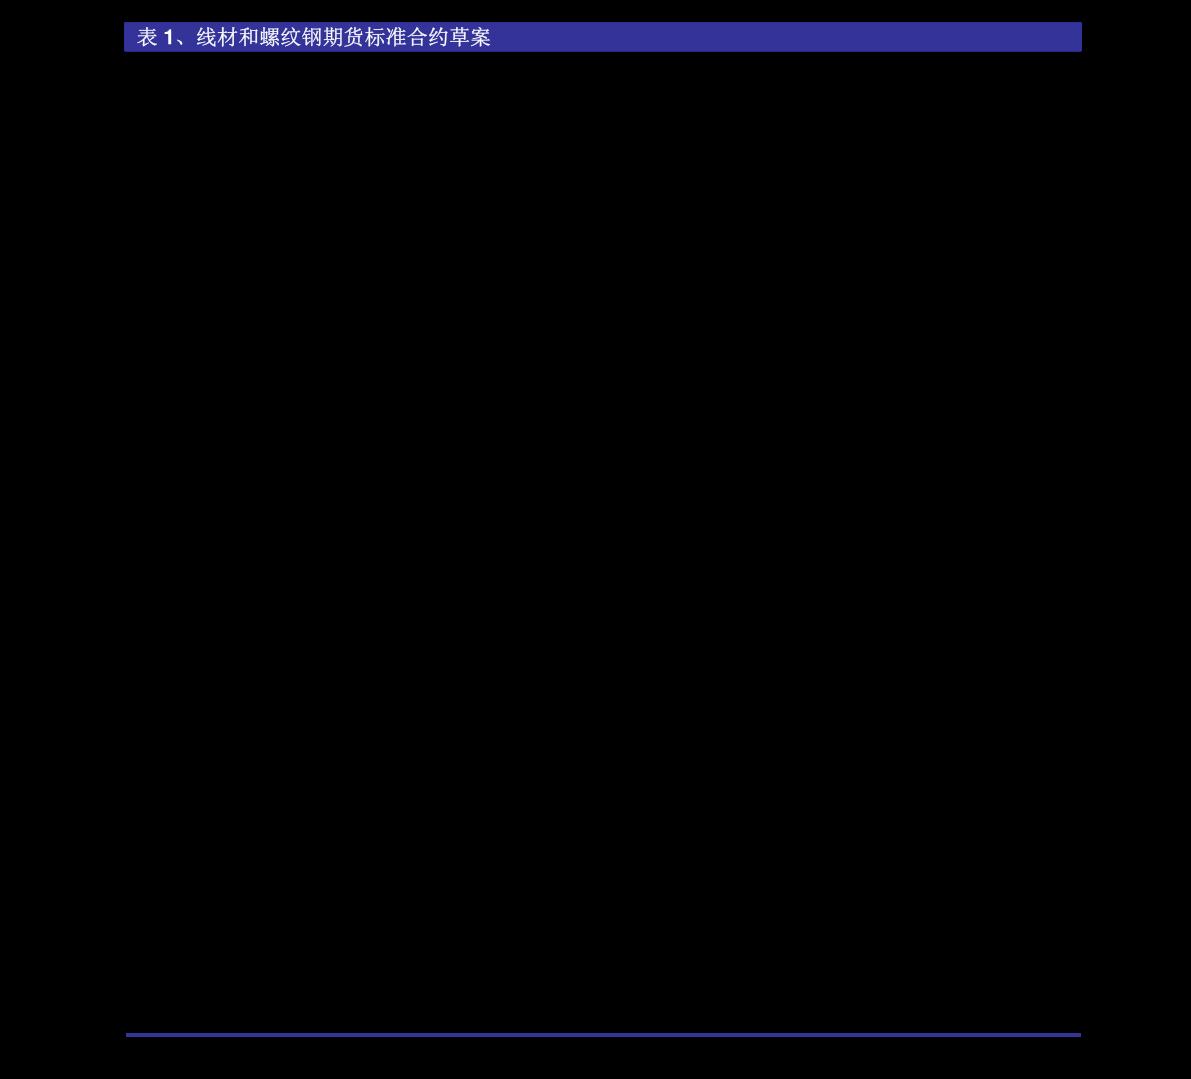 中泰雷火电竞平台-新能源汽车雷火网址2021年国内新能源车终端市场分析:优质供给不断,迎接自发需求大爆发时代-210108